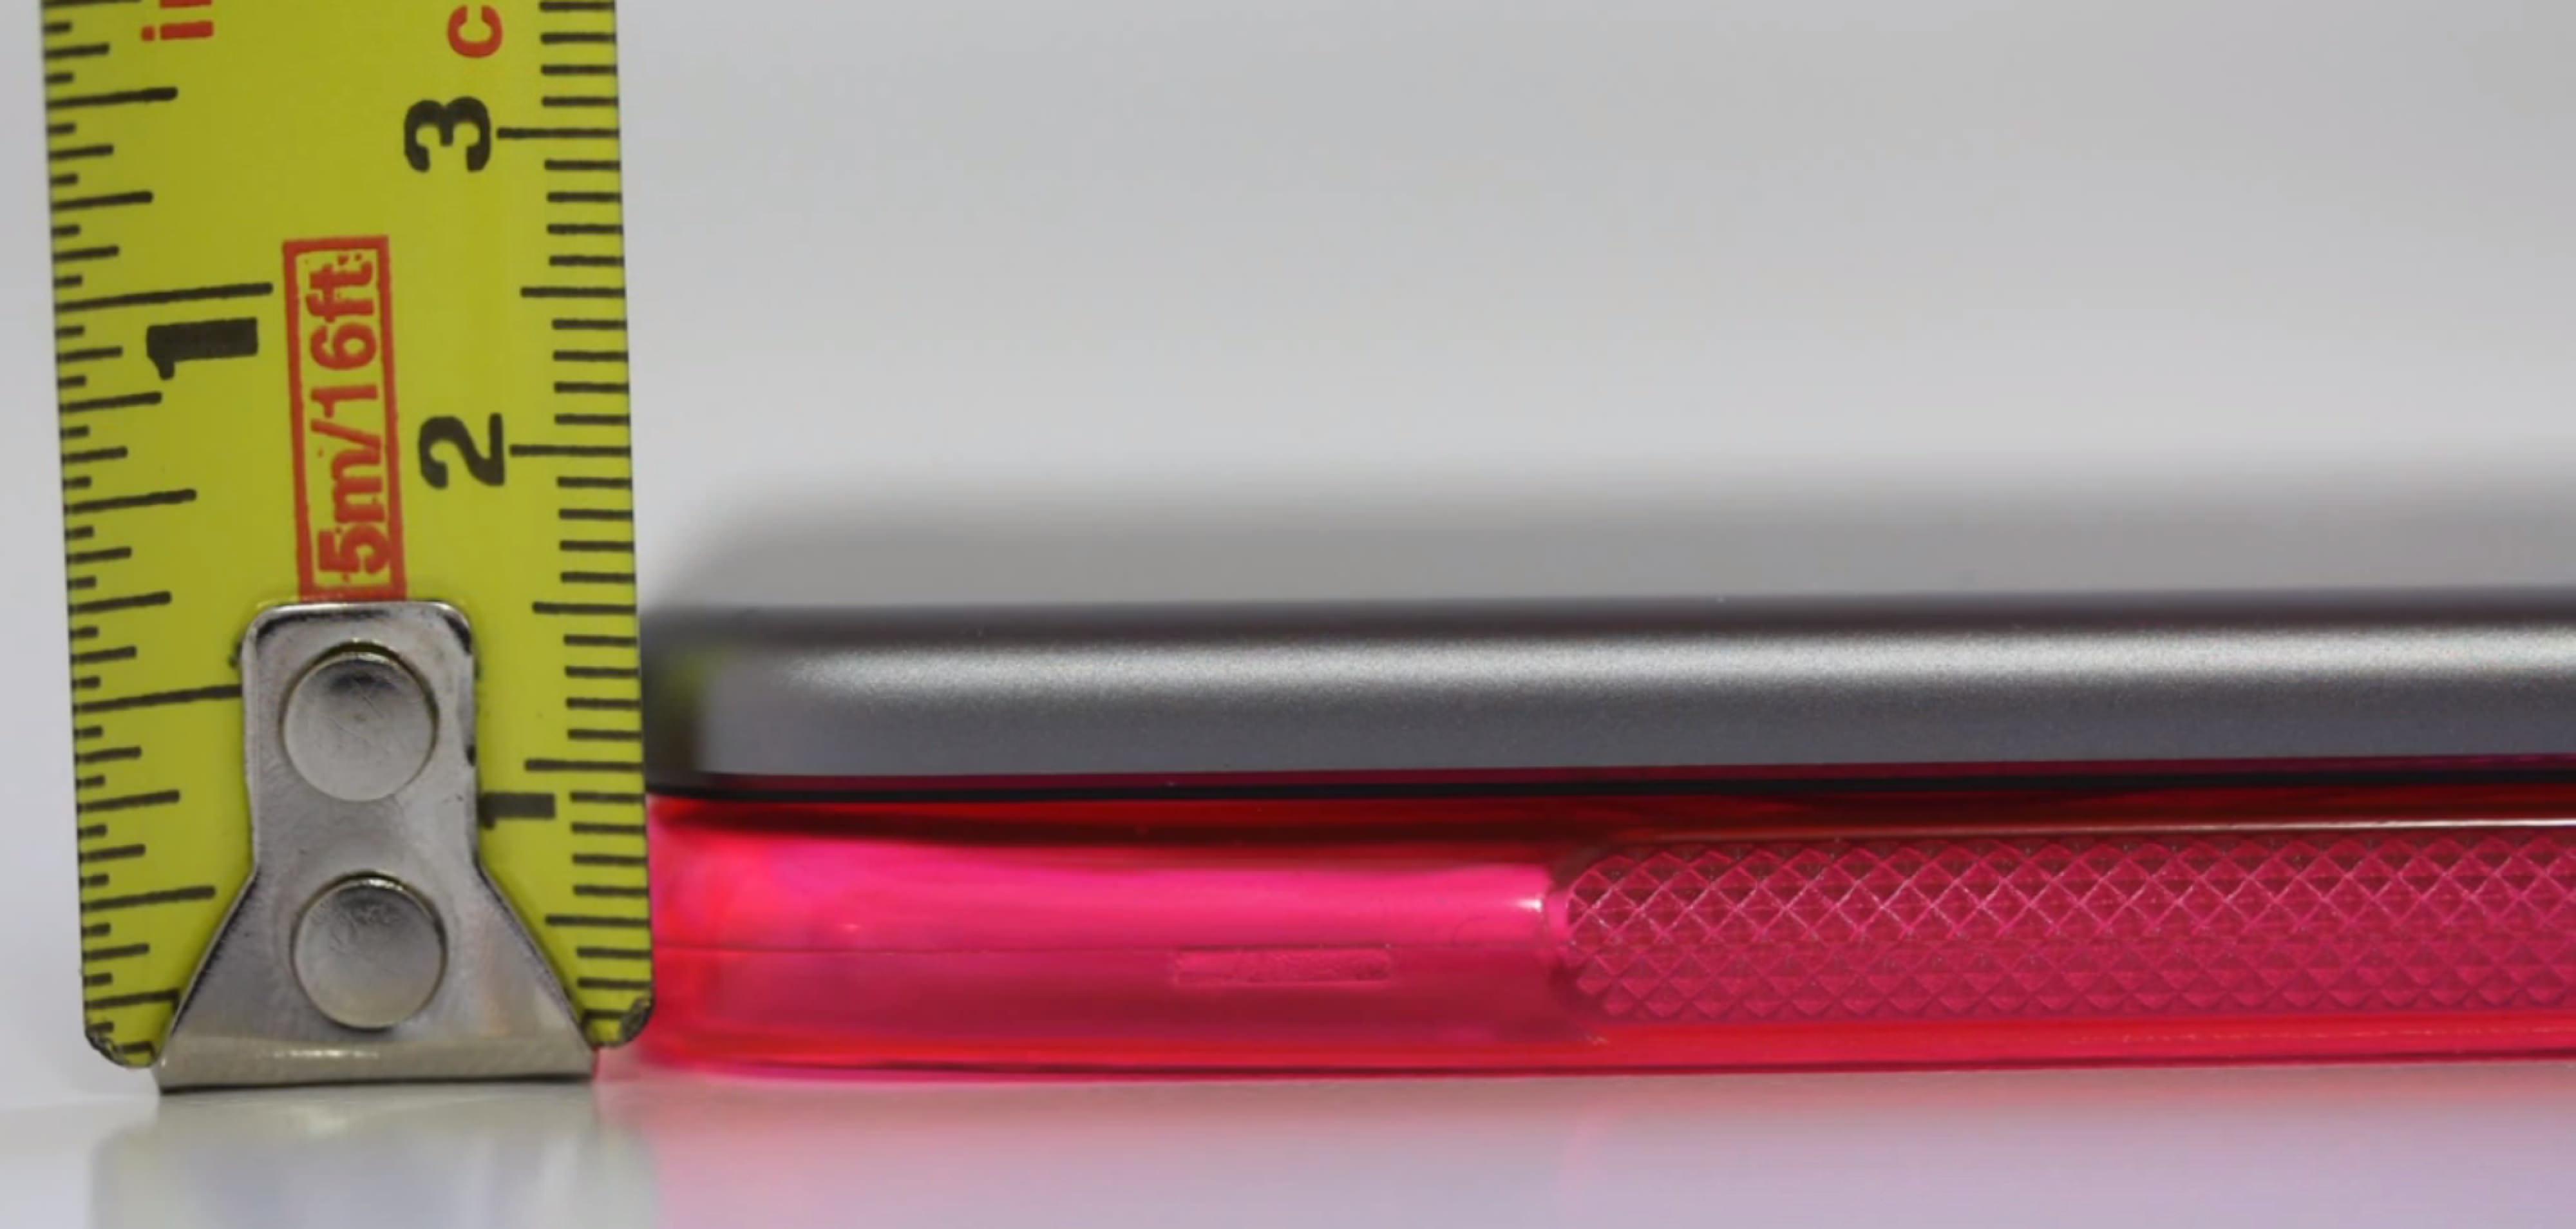 spessore di iphone 6